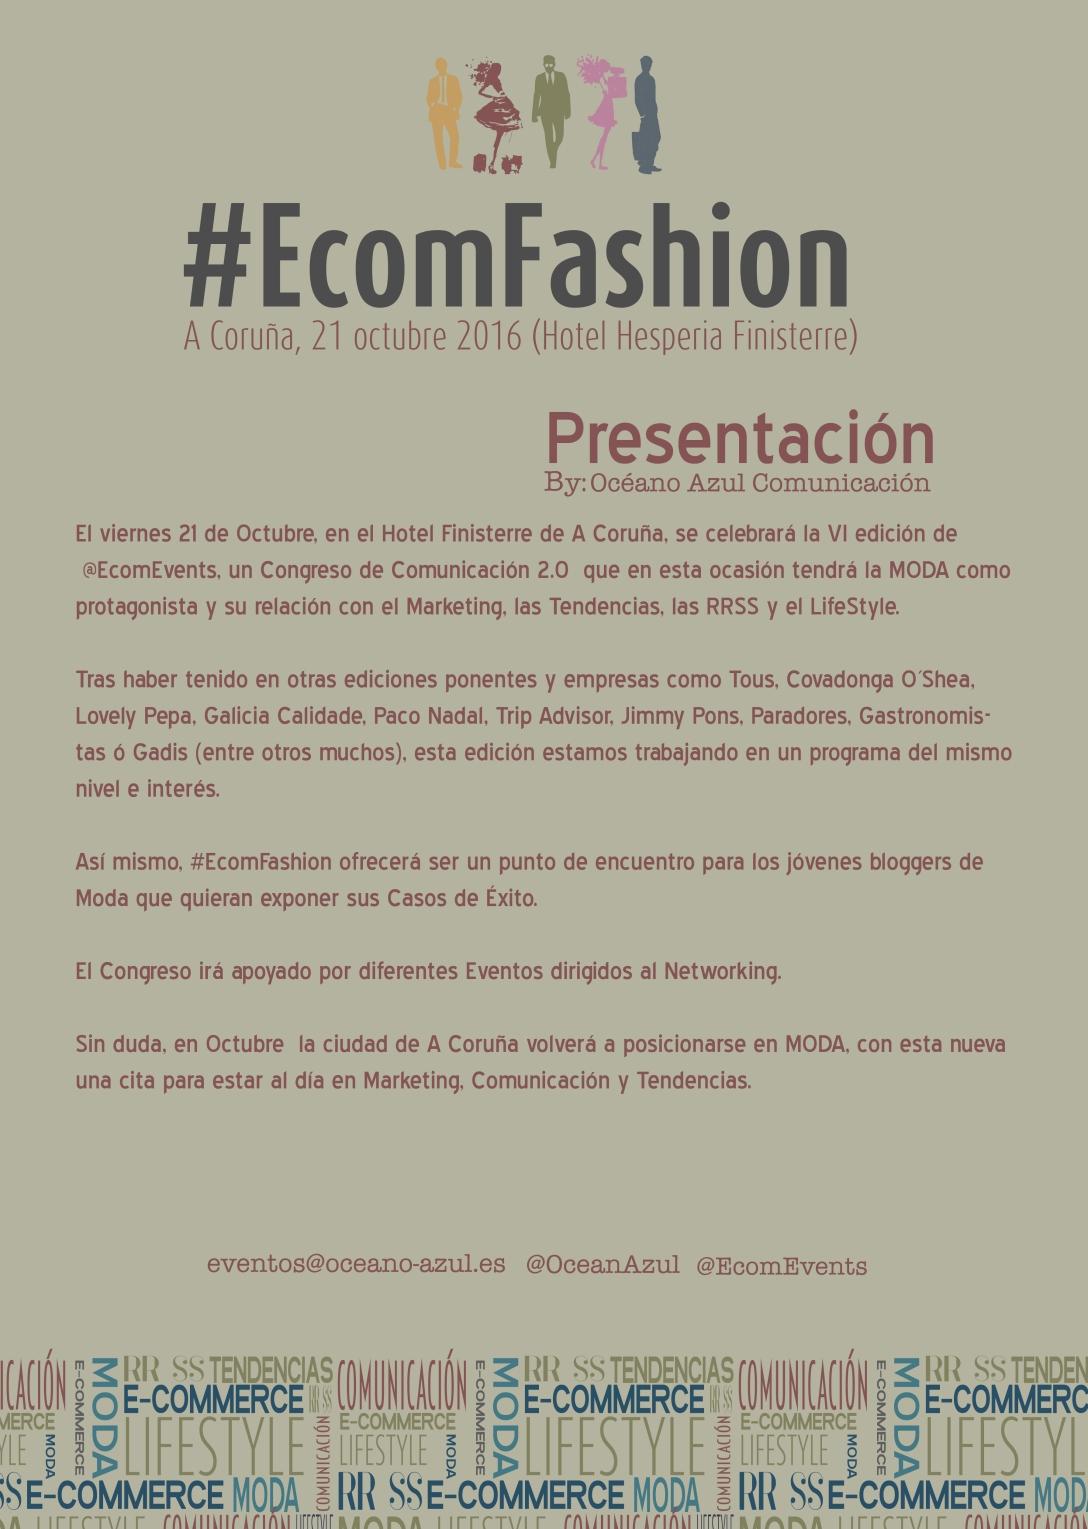 presentacion-ecomfashion-01